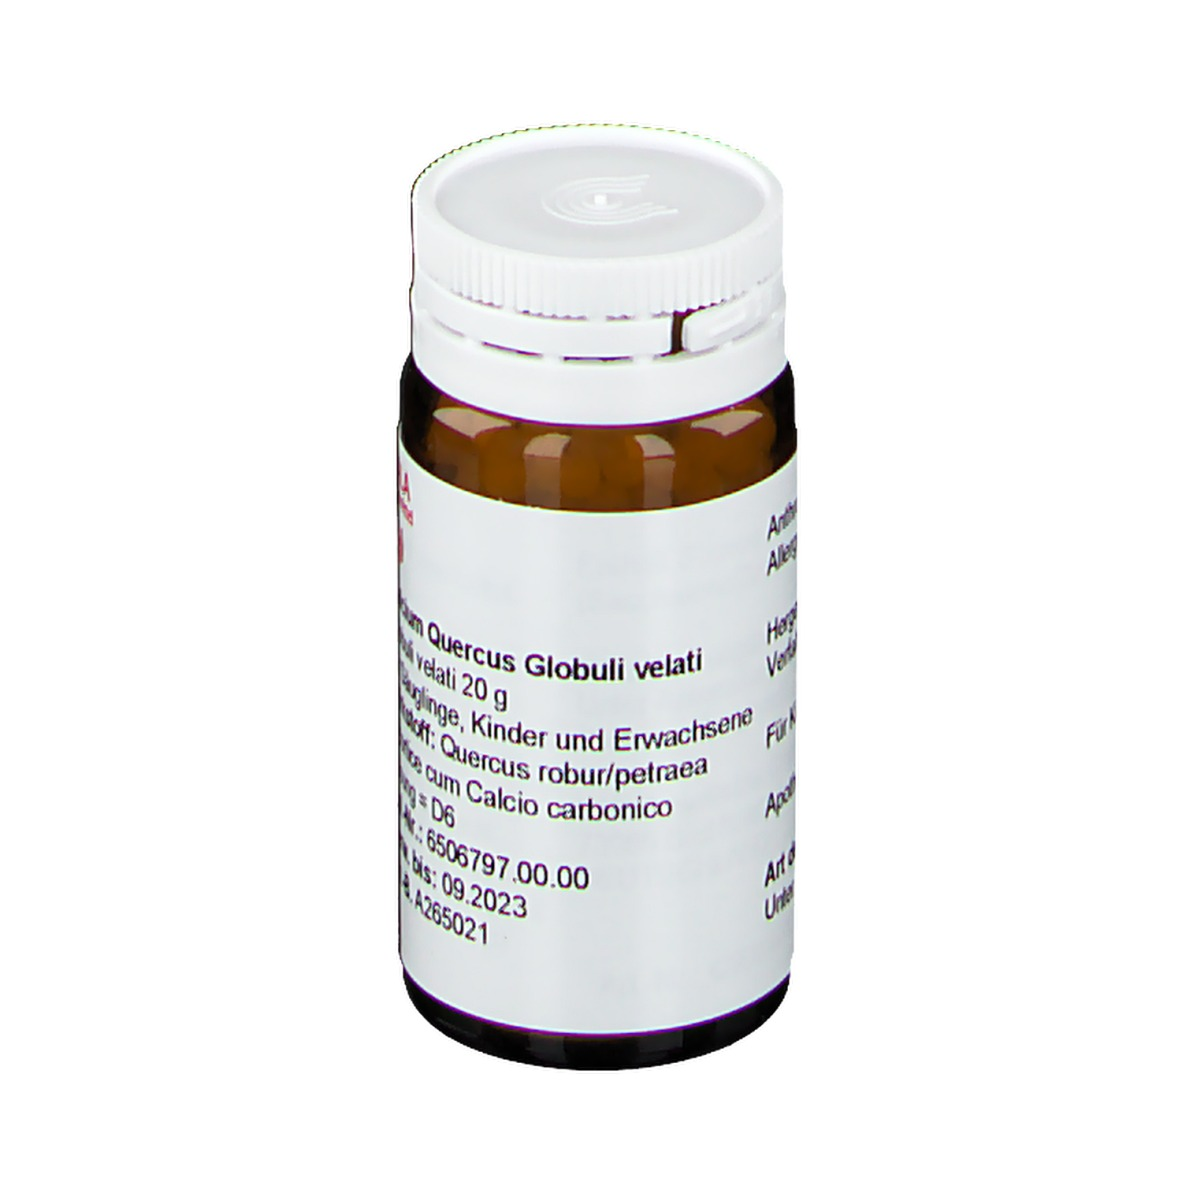 WALA® Calcium Quercus Globuli velati